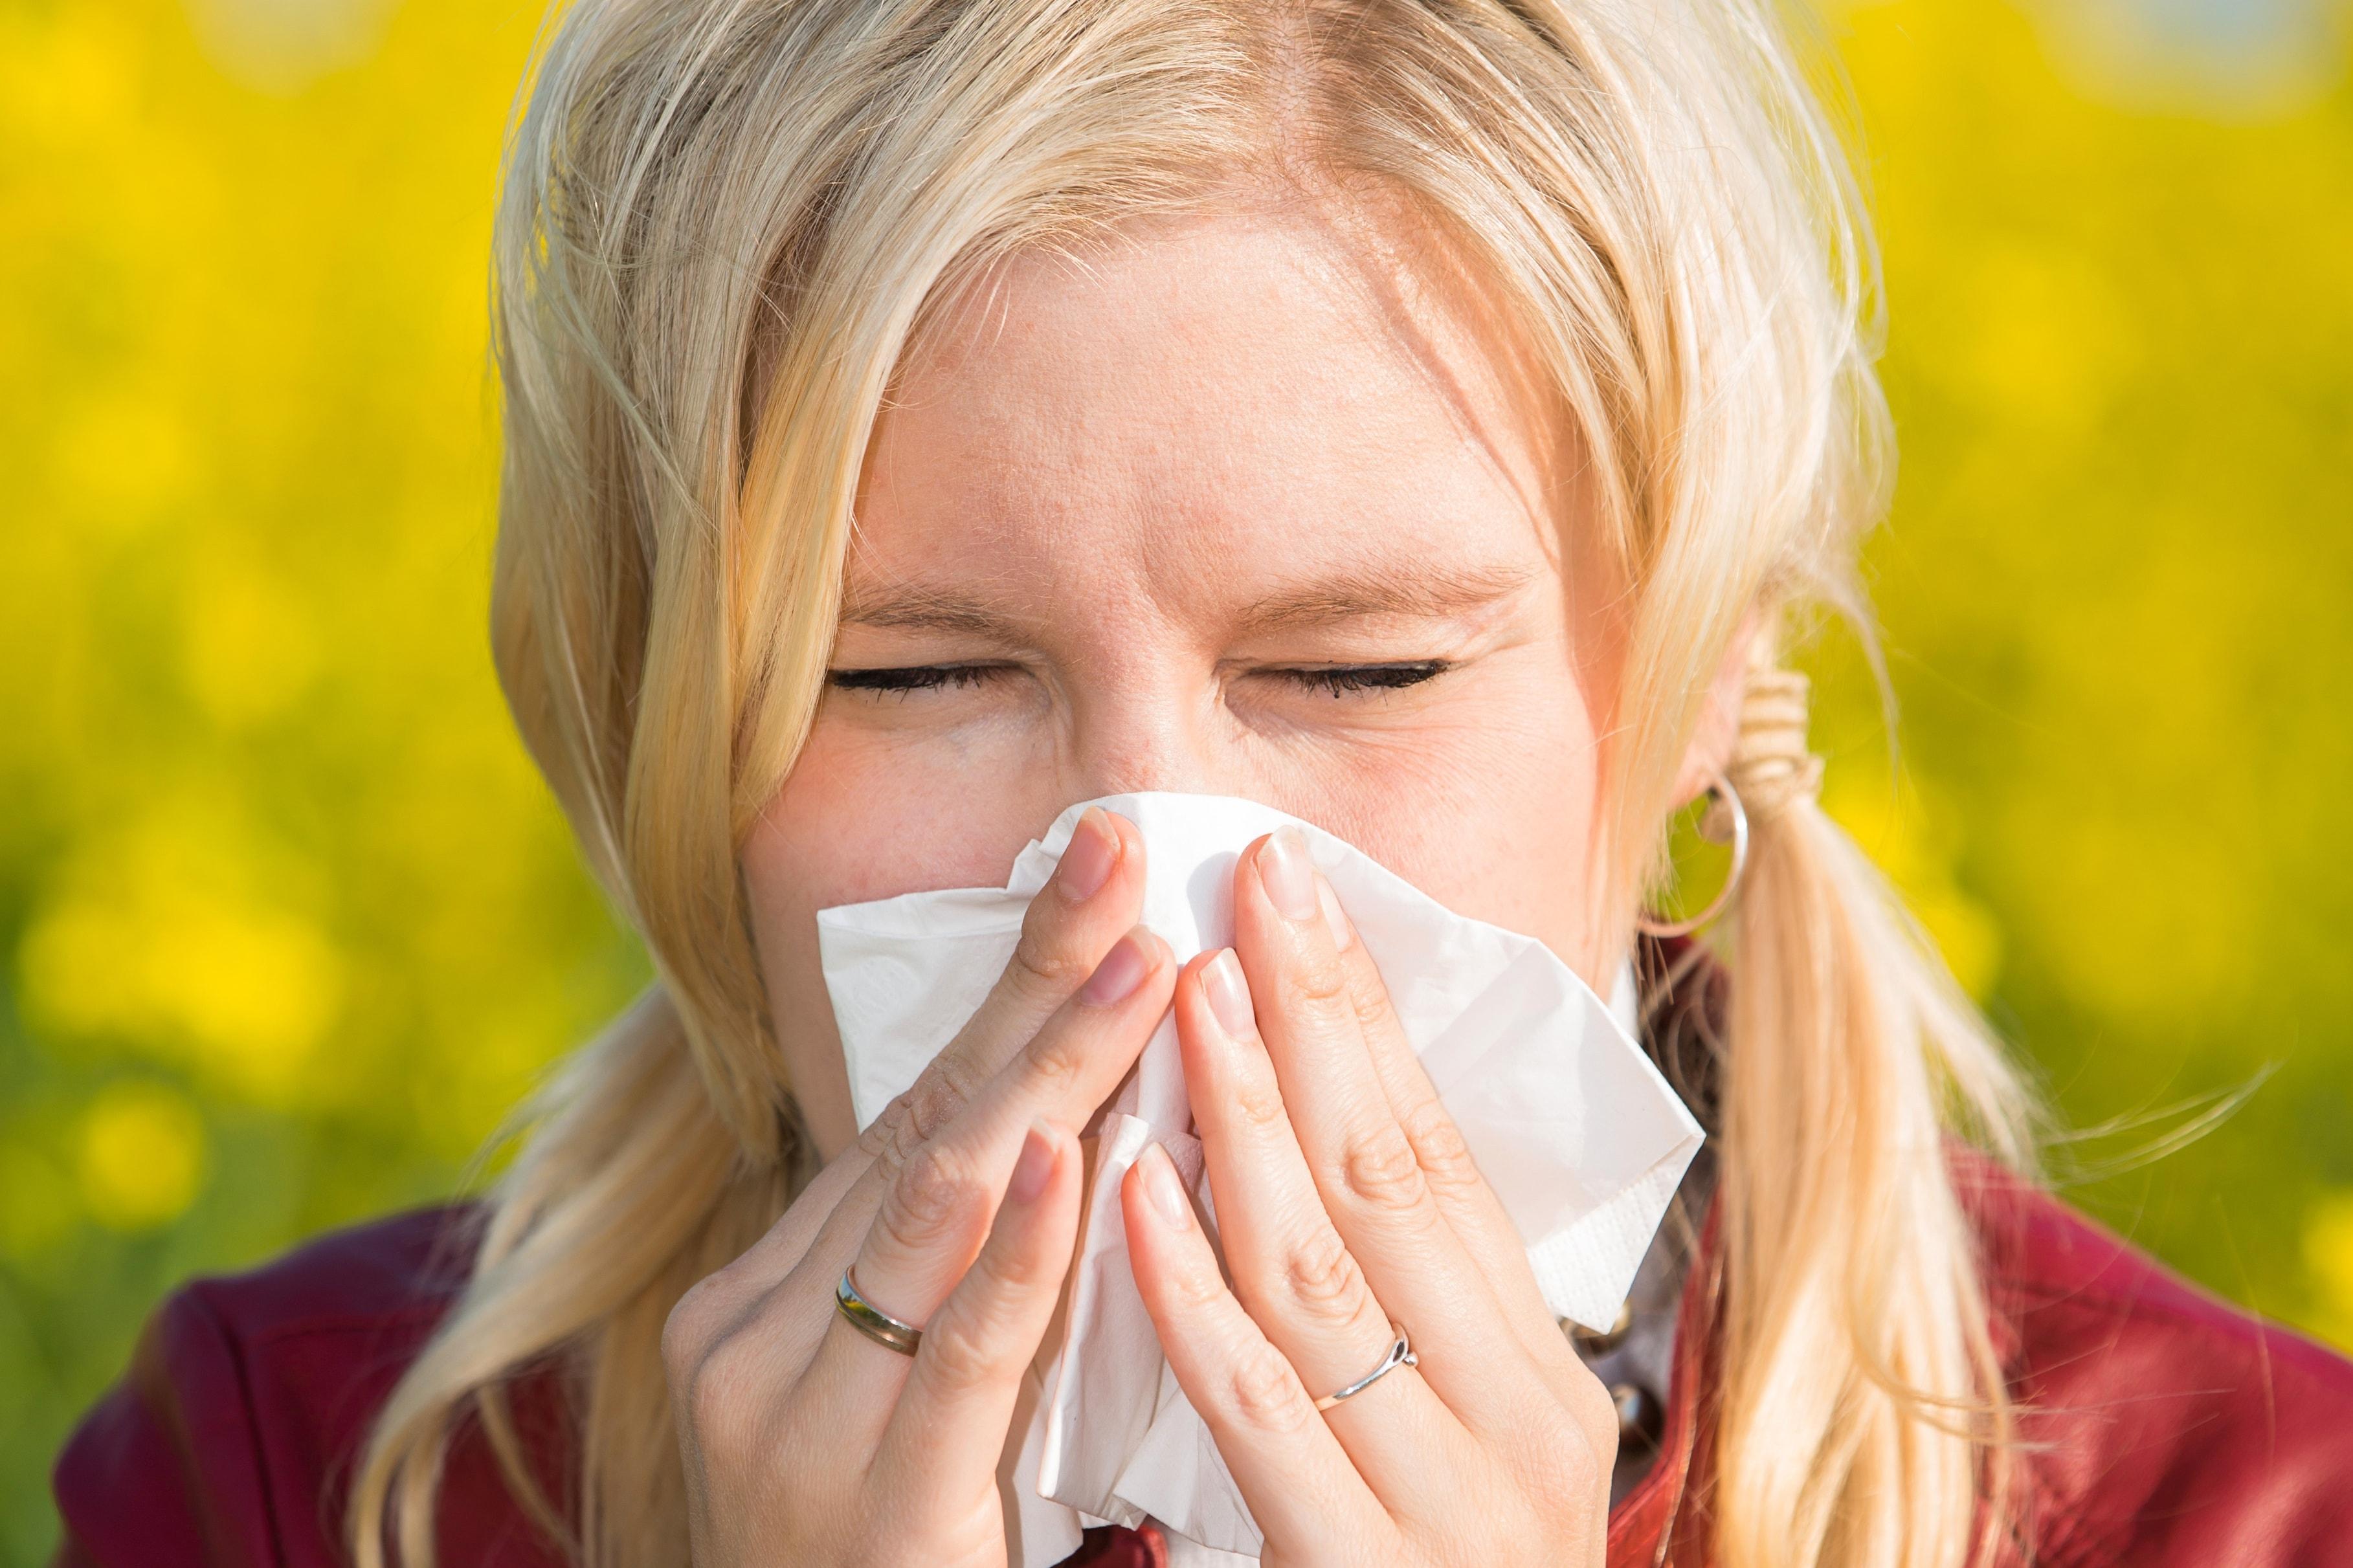 12 astuces de survie pour faire face au pollen qui nous - Astuce pour ne pas peler apres un coup de soleil ...